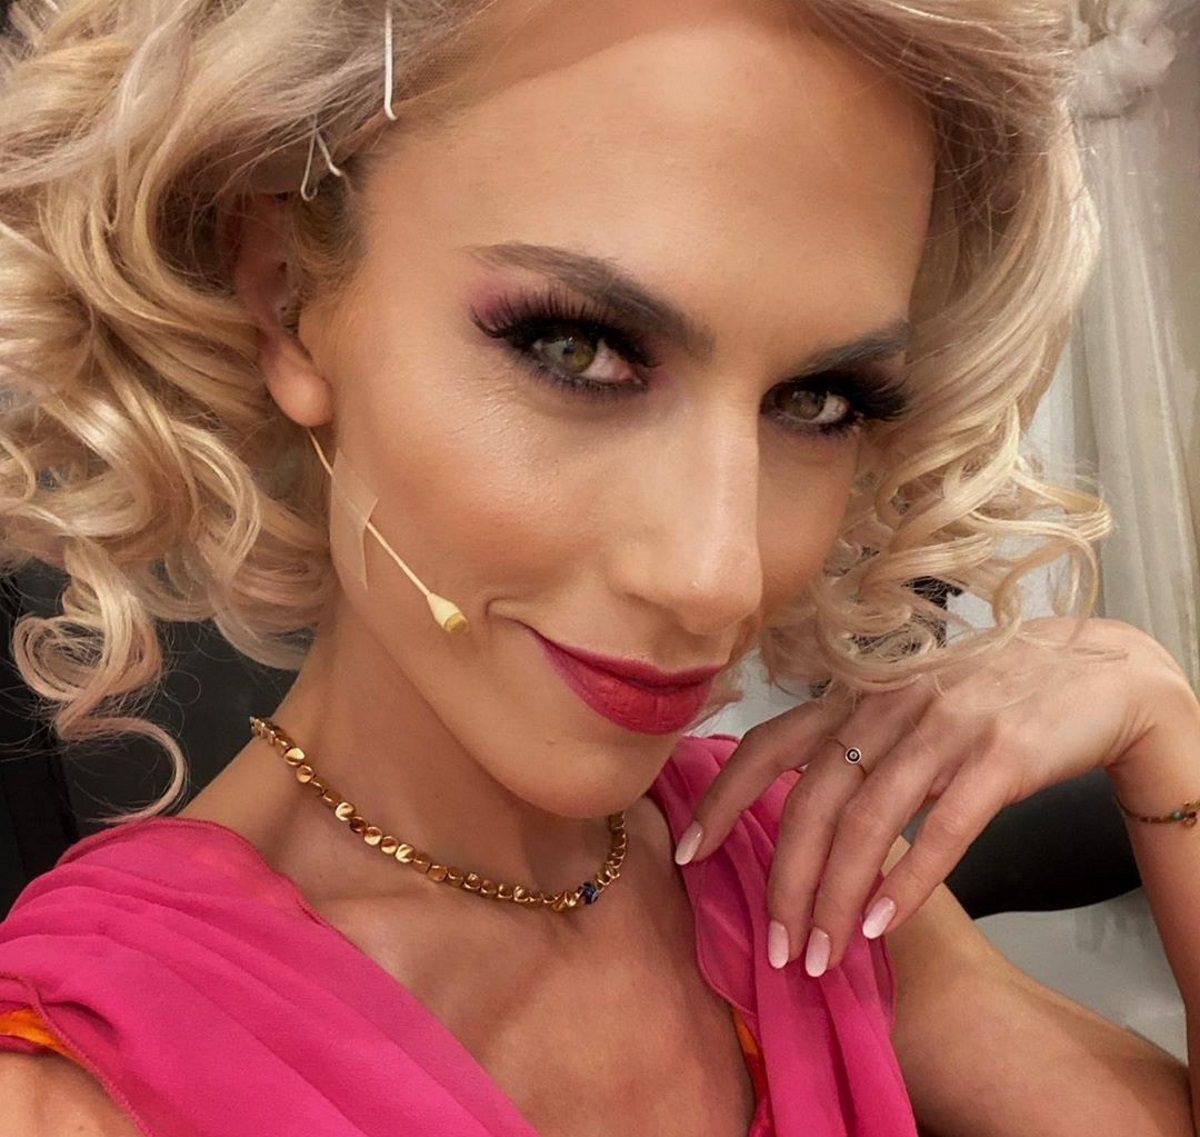 Ντορέττα Παπαδημητρίου: Το απρόοπτο που της συνέβη σήμερα, λίγο πριν πάει στο ραντεβού της! [pic,vid] | tlife.gr